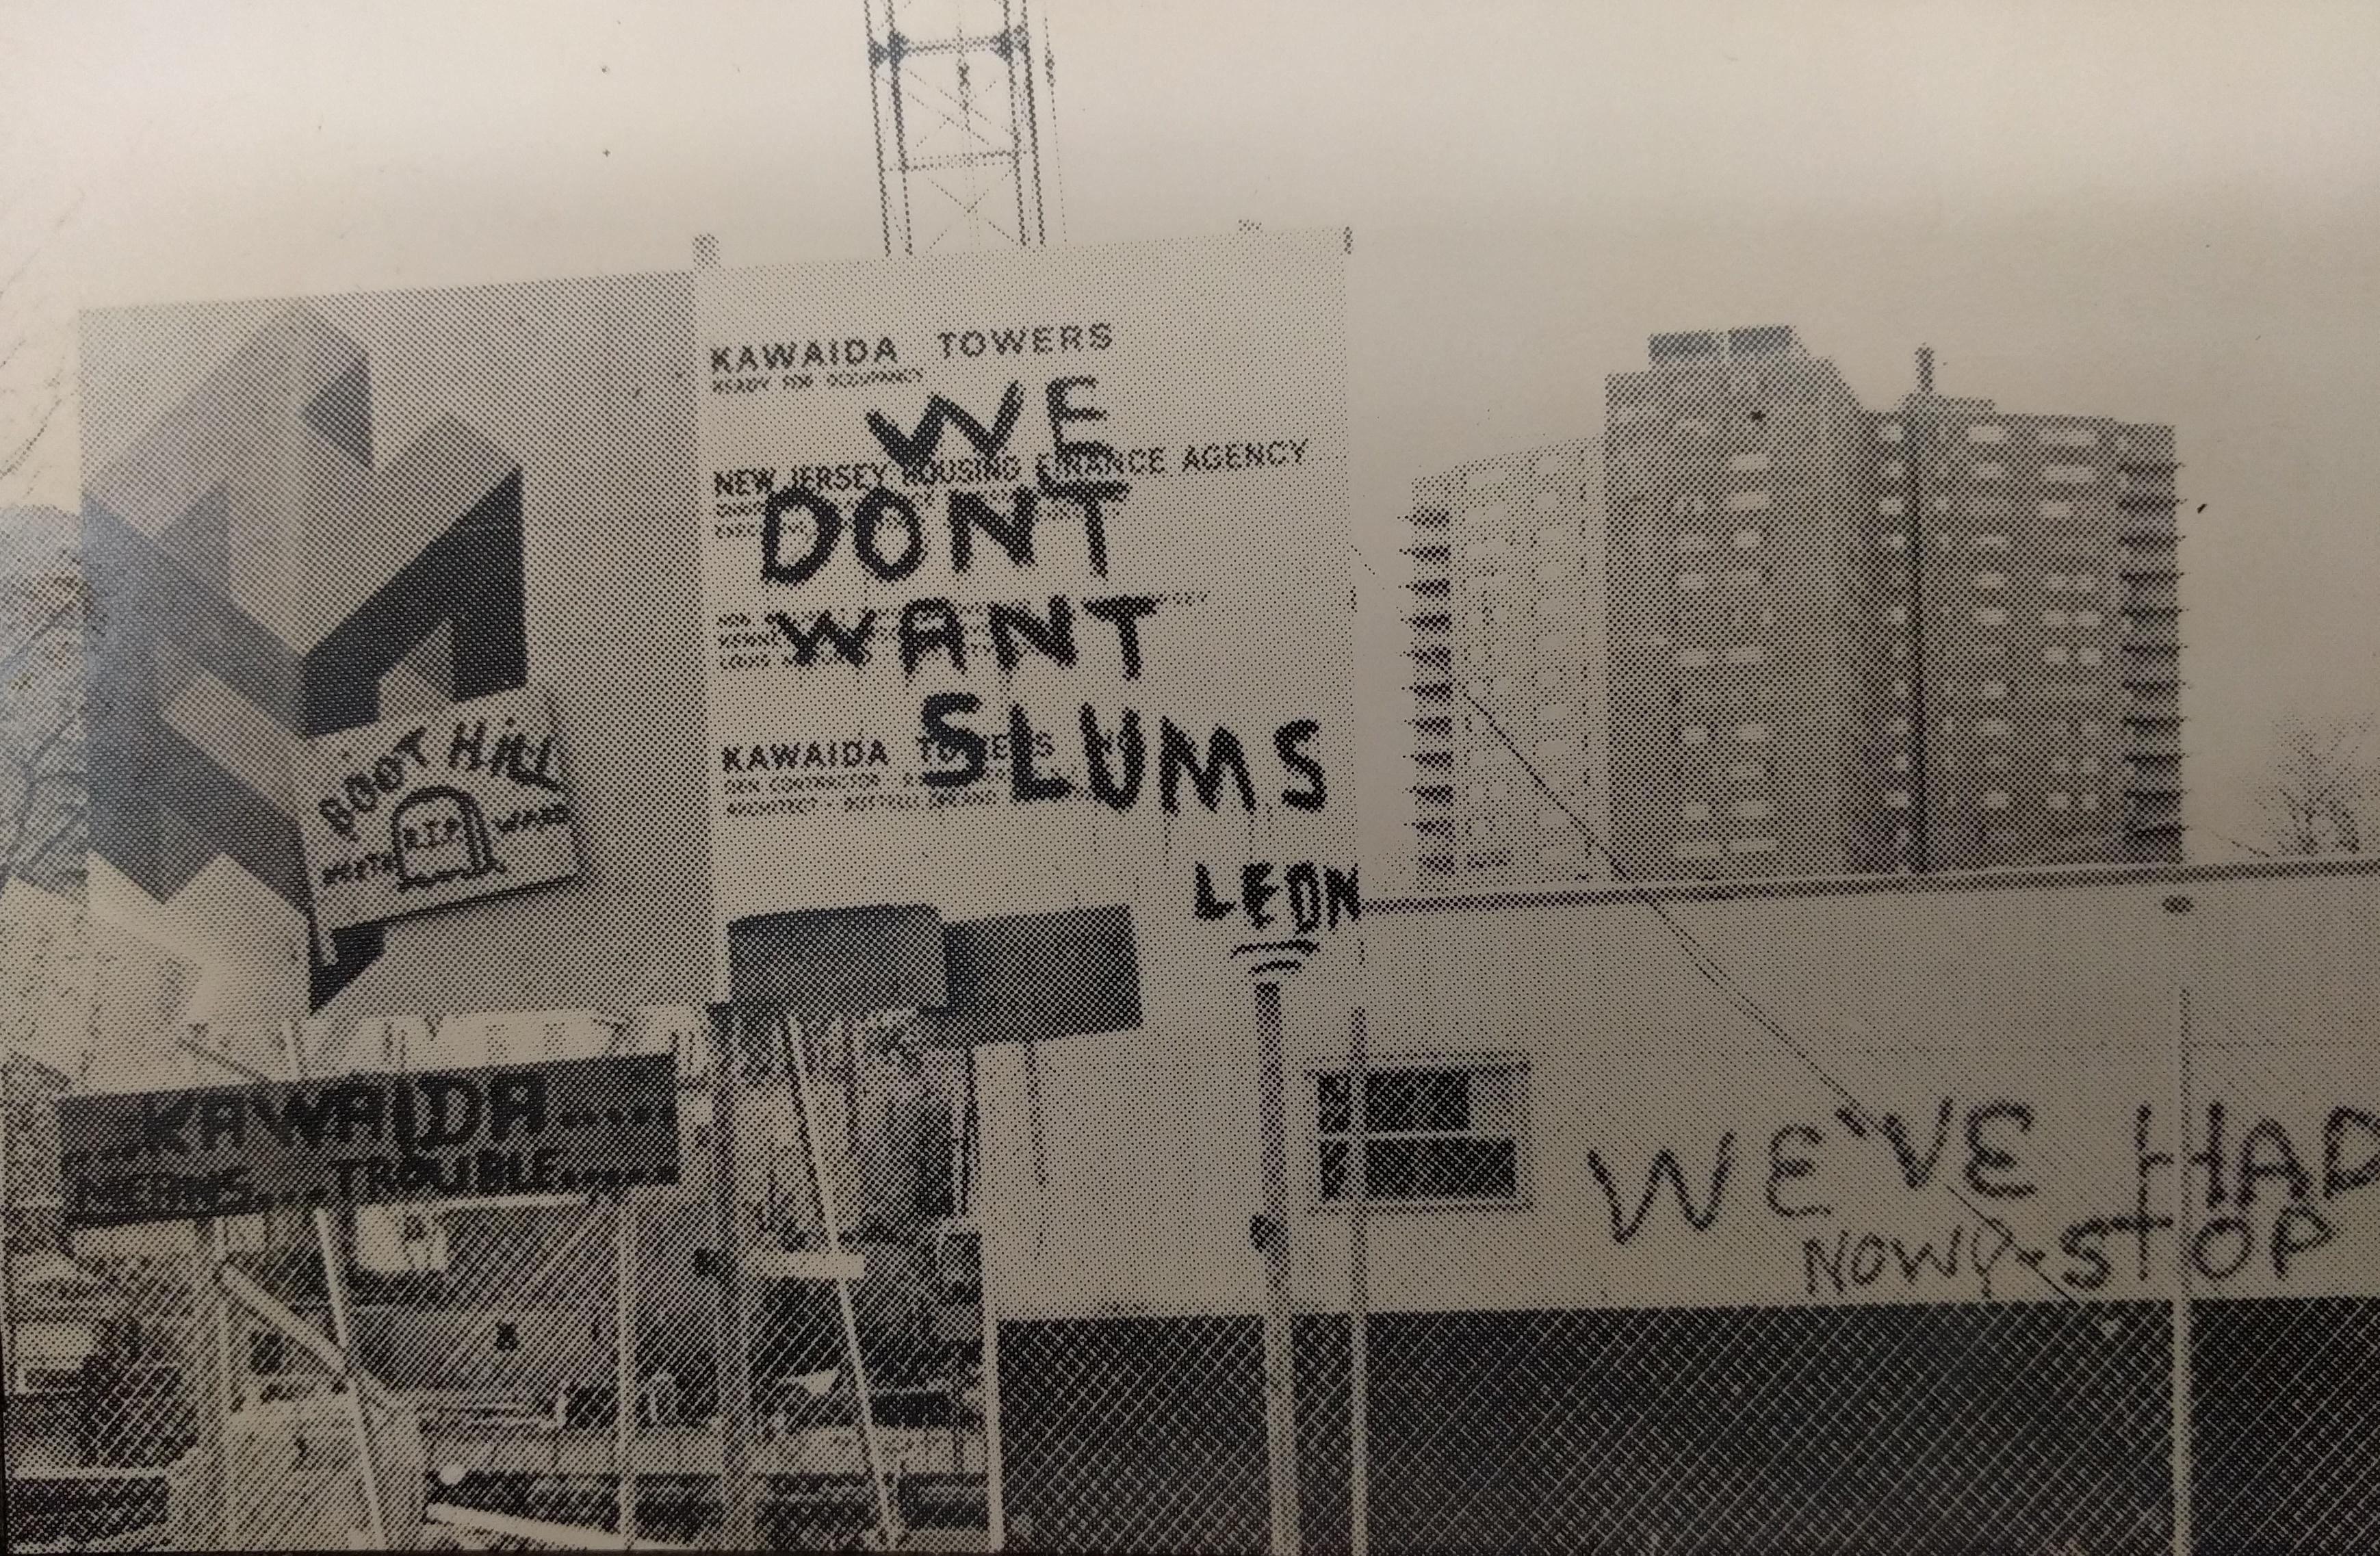 Vandalism at the Kawaida Towers Construction Site (Jan 6, 1973)